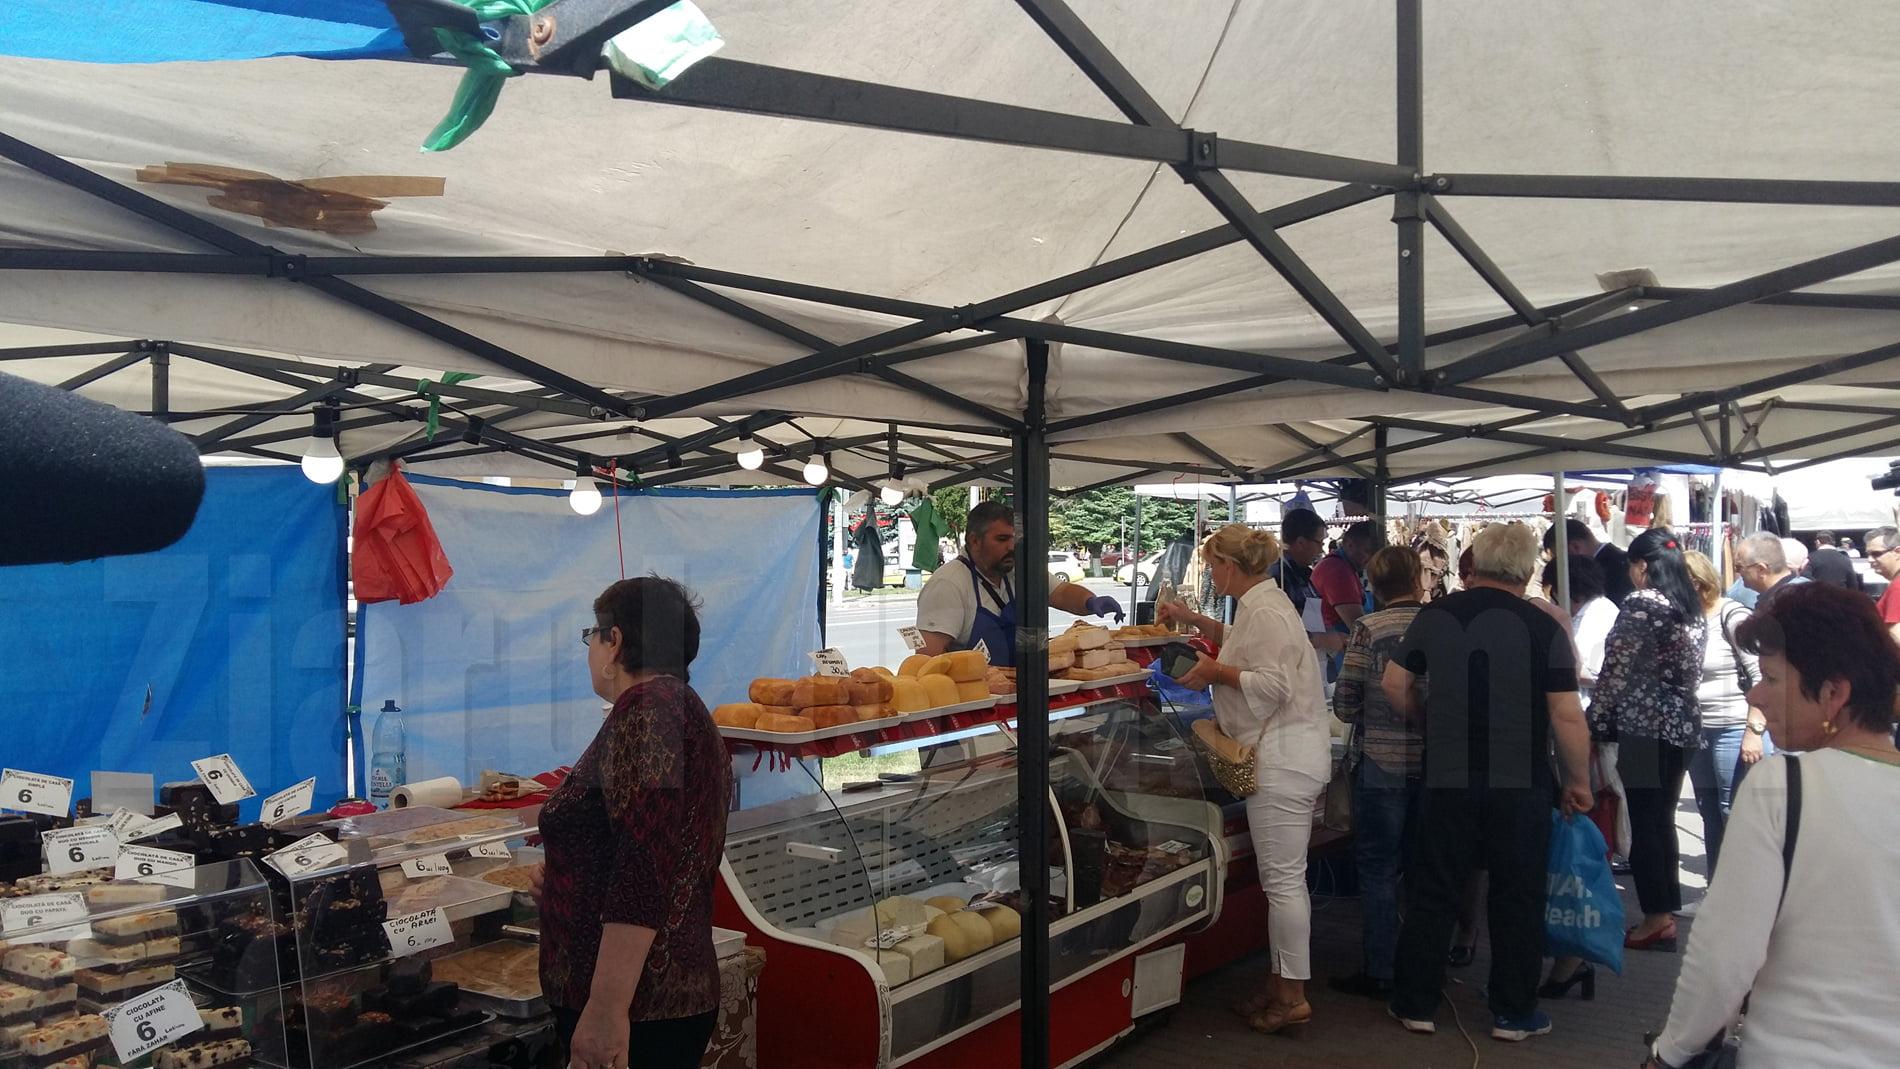 S-a deschis Festivalul tradițional al meșteșugarilor, în centrul Romanului